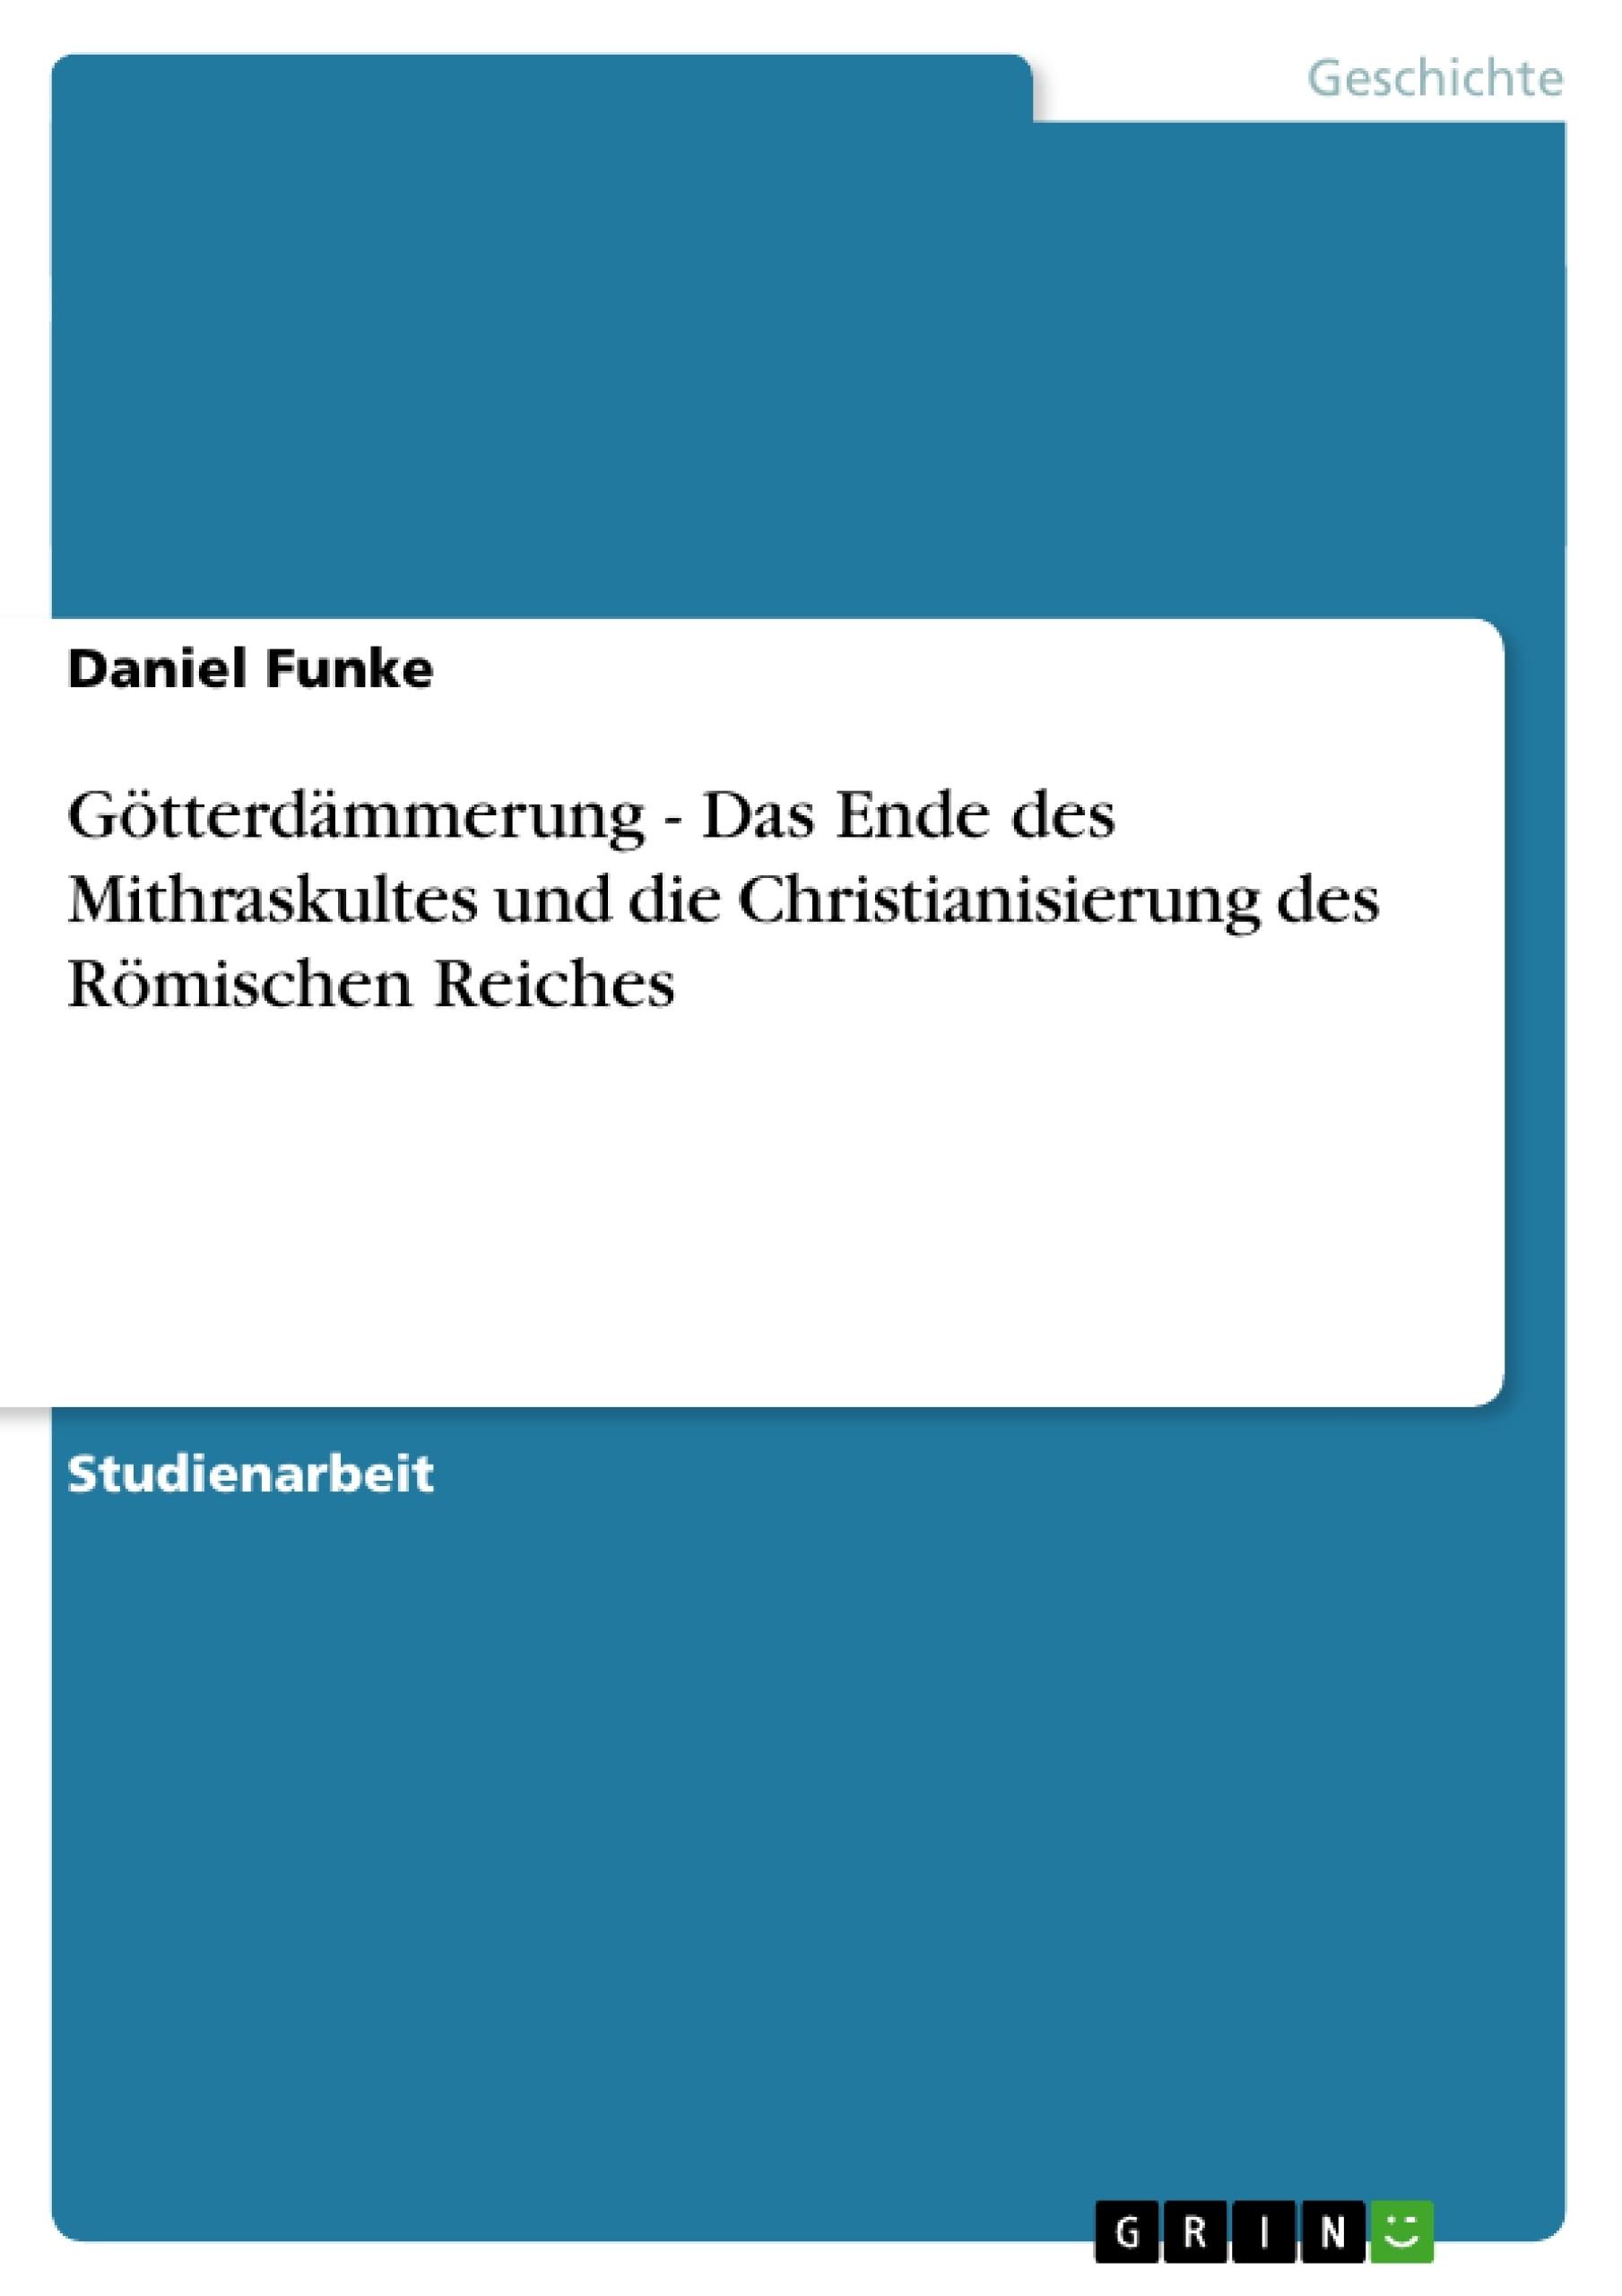 Titel: Götterdämmerung - Das Ende des Mithraskultes und die Christianisierung des Römischen Reiches